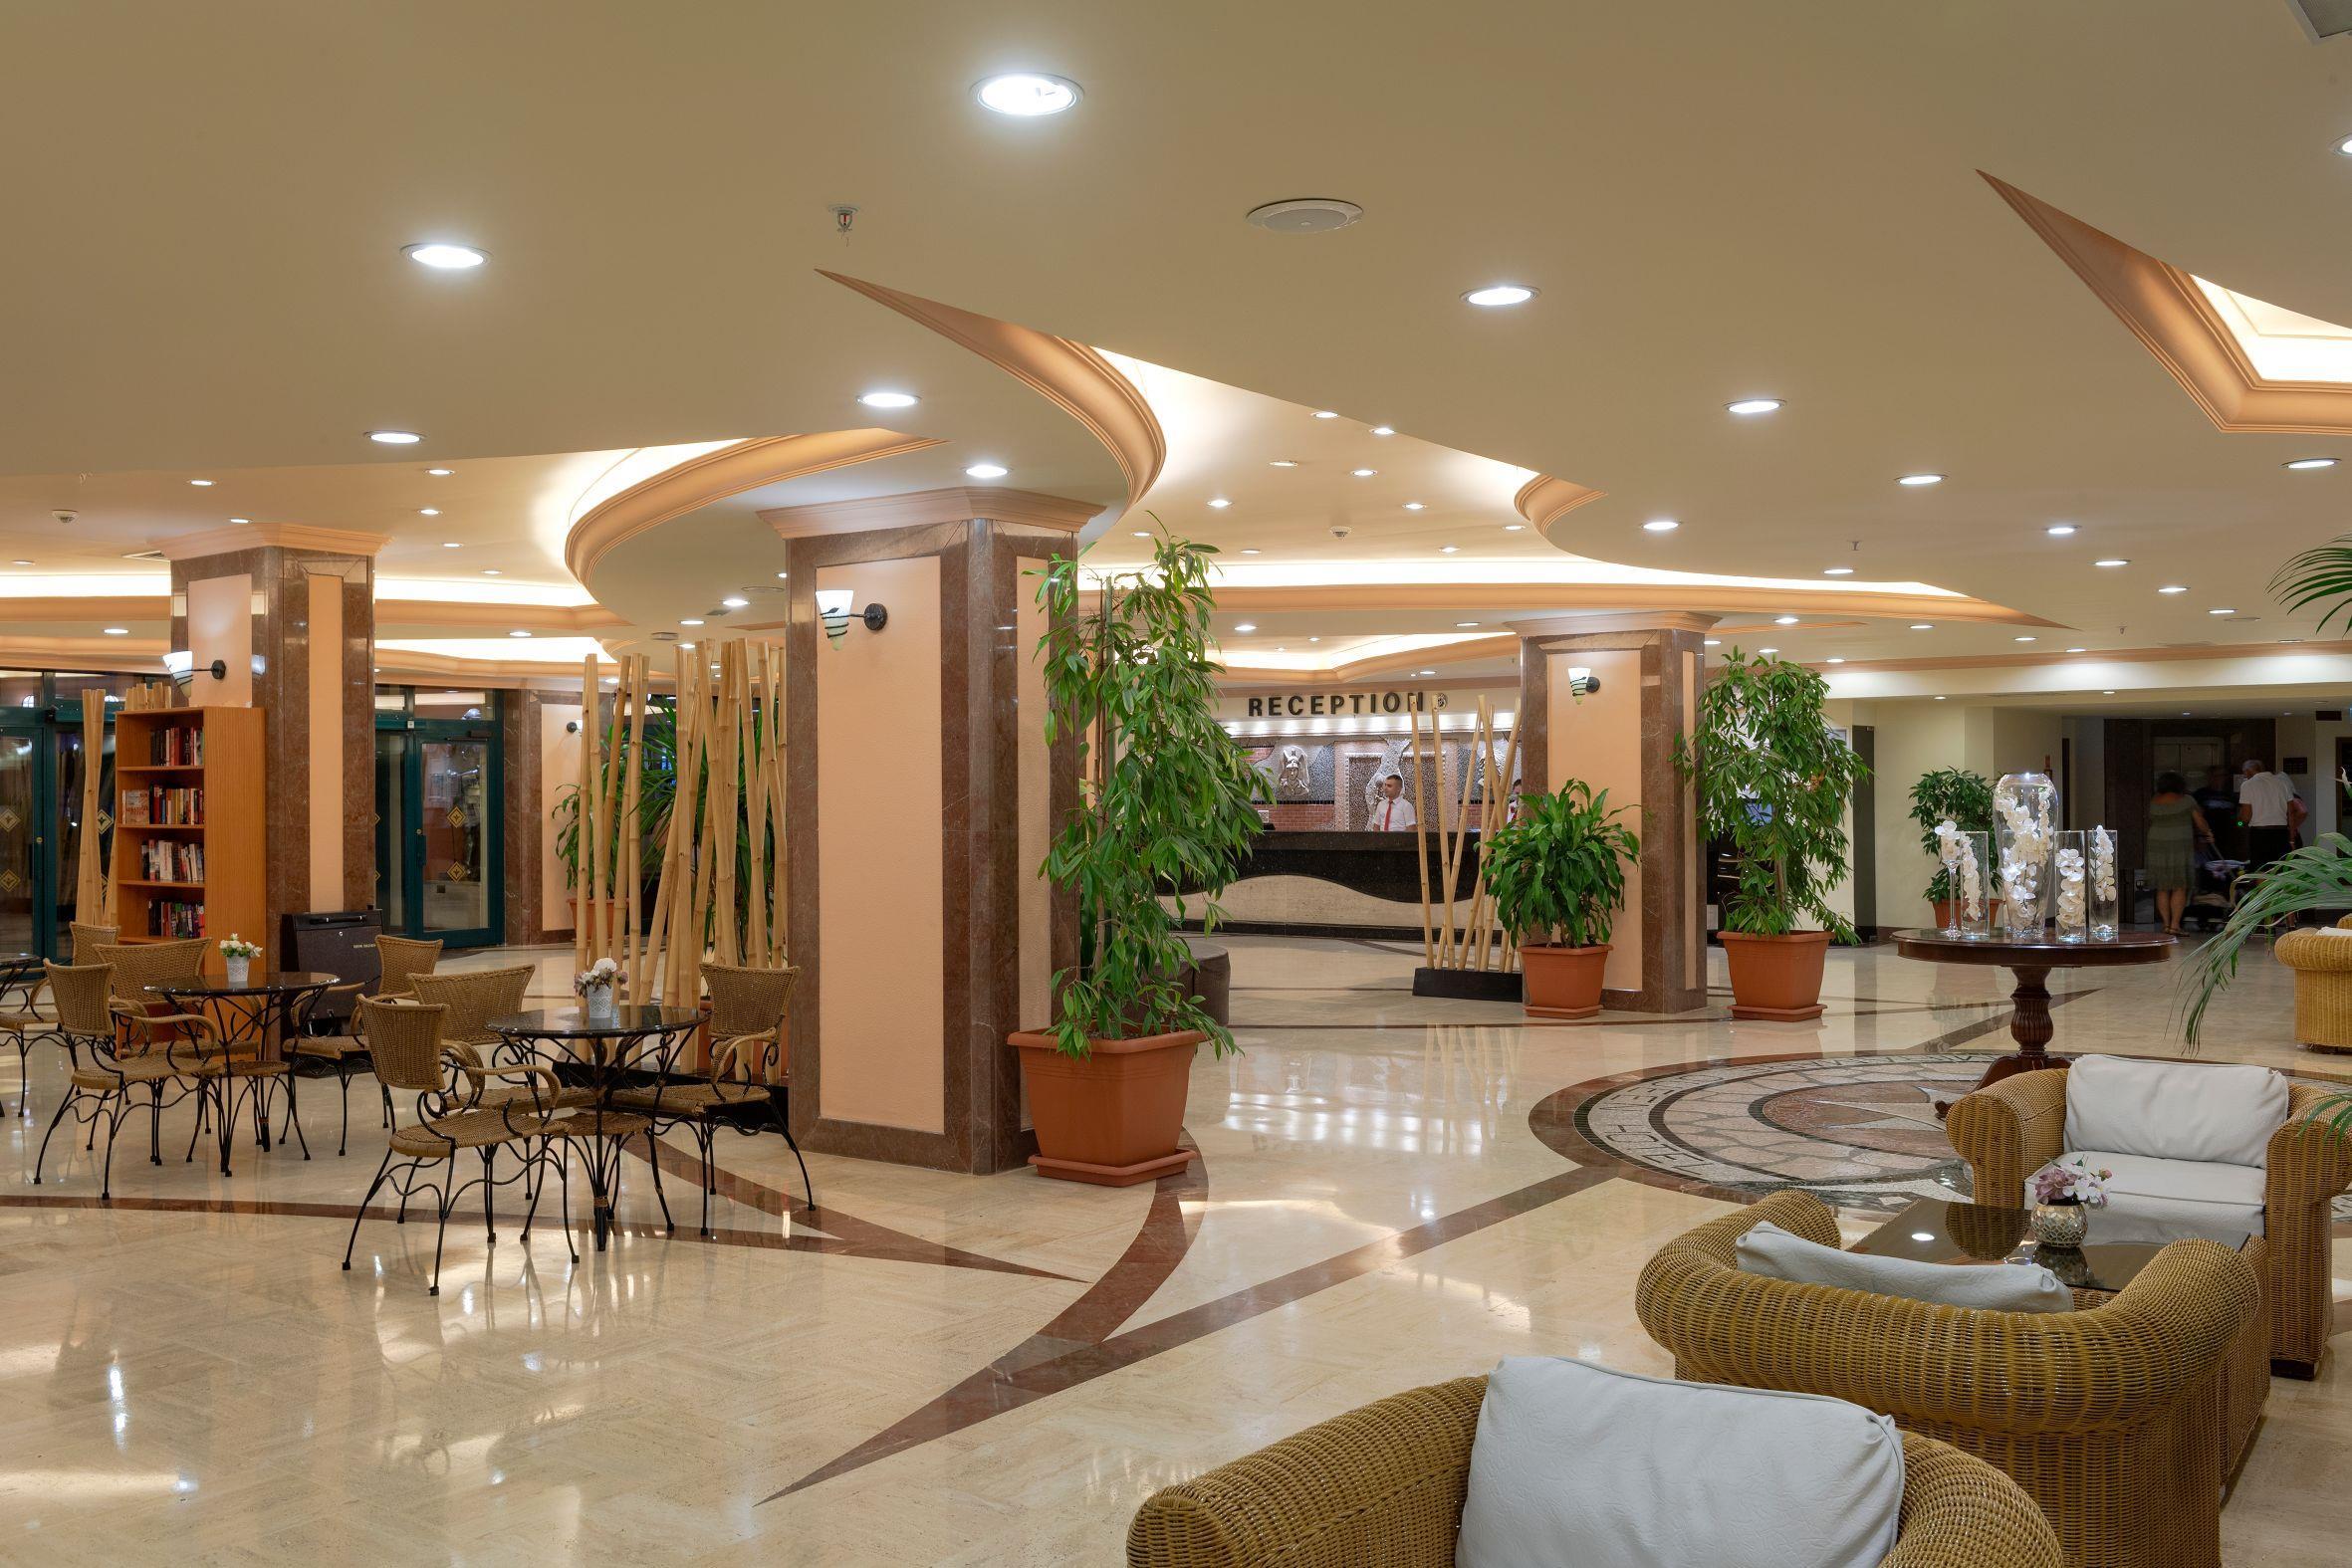 http://www.orextravel.sk/OREX/hotelphotos/miramare-queen-hotel-general-0053.jpg